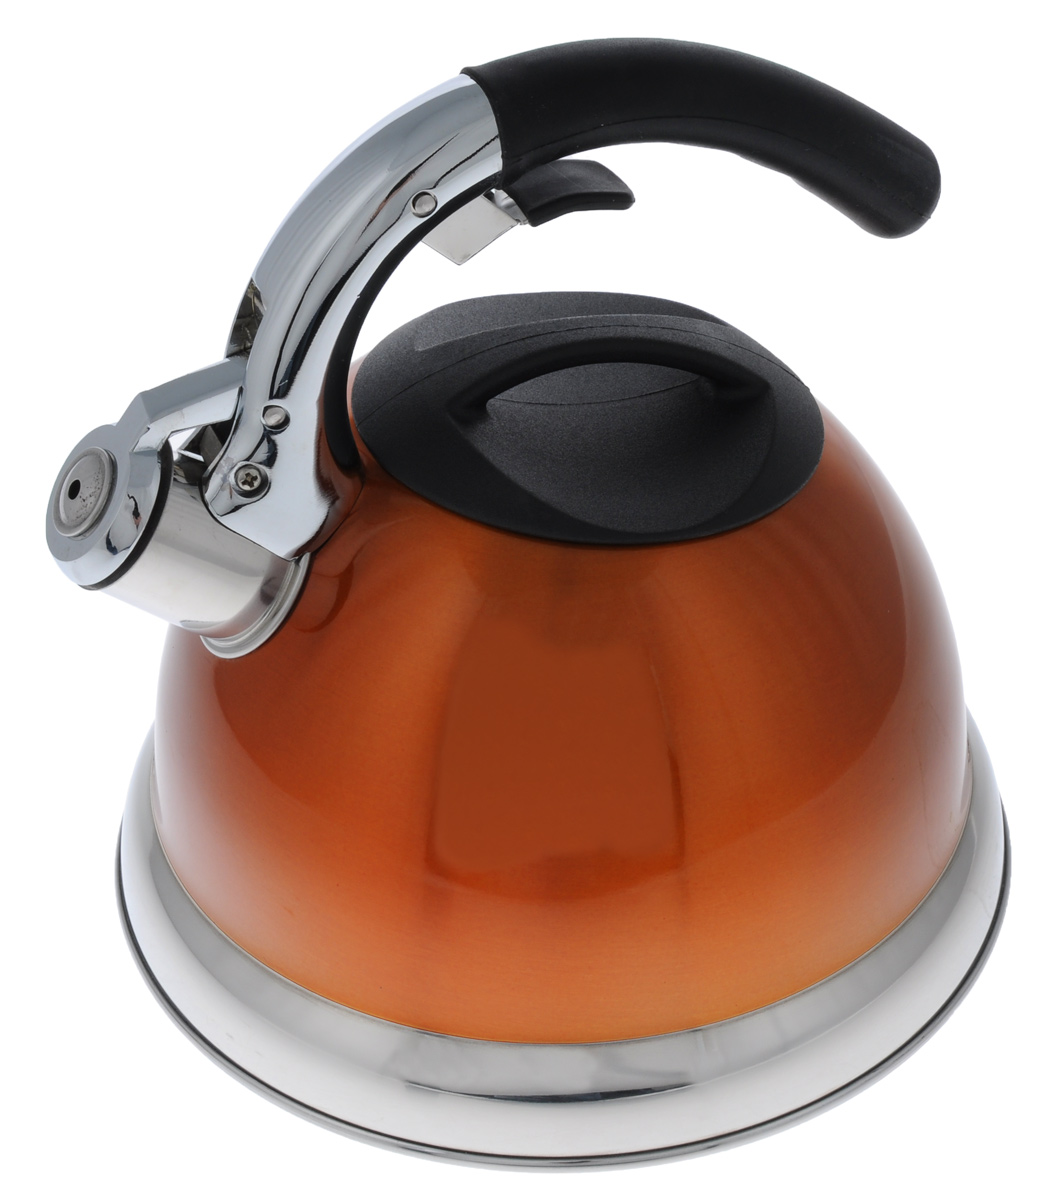 Чайник Mayer & Boch De Luxe со свистком, цвет: оранжевый, 3 л. 3113-254 009312Чайник Mayer & Boch De Luxe изготовлен изнержавеющей стали, что делает егогигиеничным и устойчивым к износу придлительном использовании. Эмалевая внешняяповерхность придает чайнику стильный внешнийвид. Гладкая и ровная поверхность существеннооблегчает уход за посудой. Чайник прикипячении сохраняет все полезные свойстваводы. Изделие снабжено свистком, который подскажет,когда закипела вода. Удобная эргономичнаяручка с прорезиненным покрытием обеспечиваетудобный захват. Свисток поднимается с помощьюспециального рычага на ручке чайника. Чайник подходит для всех типов плит, кромеиндукционных. Можно мыть в посудомоечноймашине. Диаметр отверстия (по верхнему краю): 10 см.Высота (без учета ручки): 13,5 см. Высота (с учетом ручки): 22 см. Диаметр основания: 22 см.